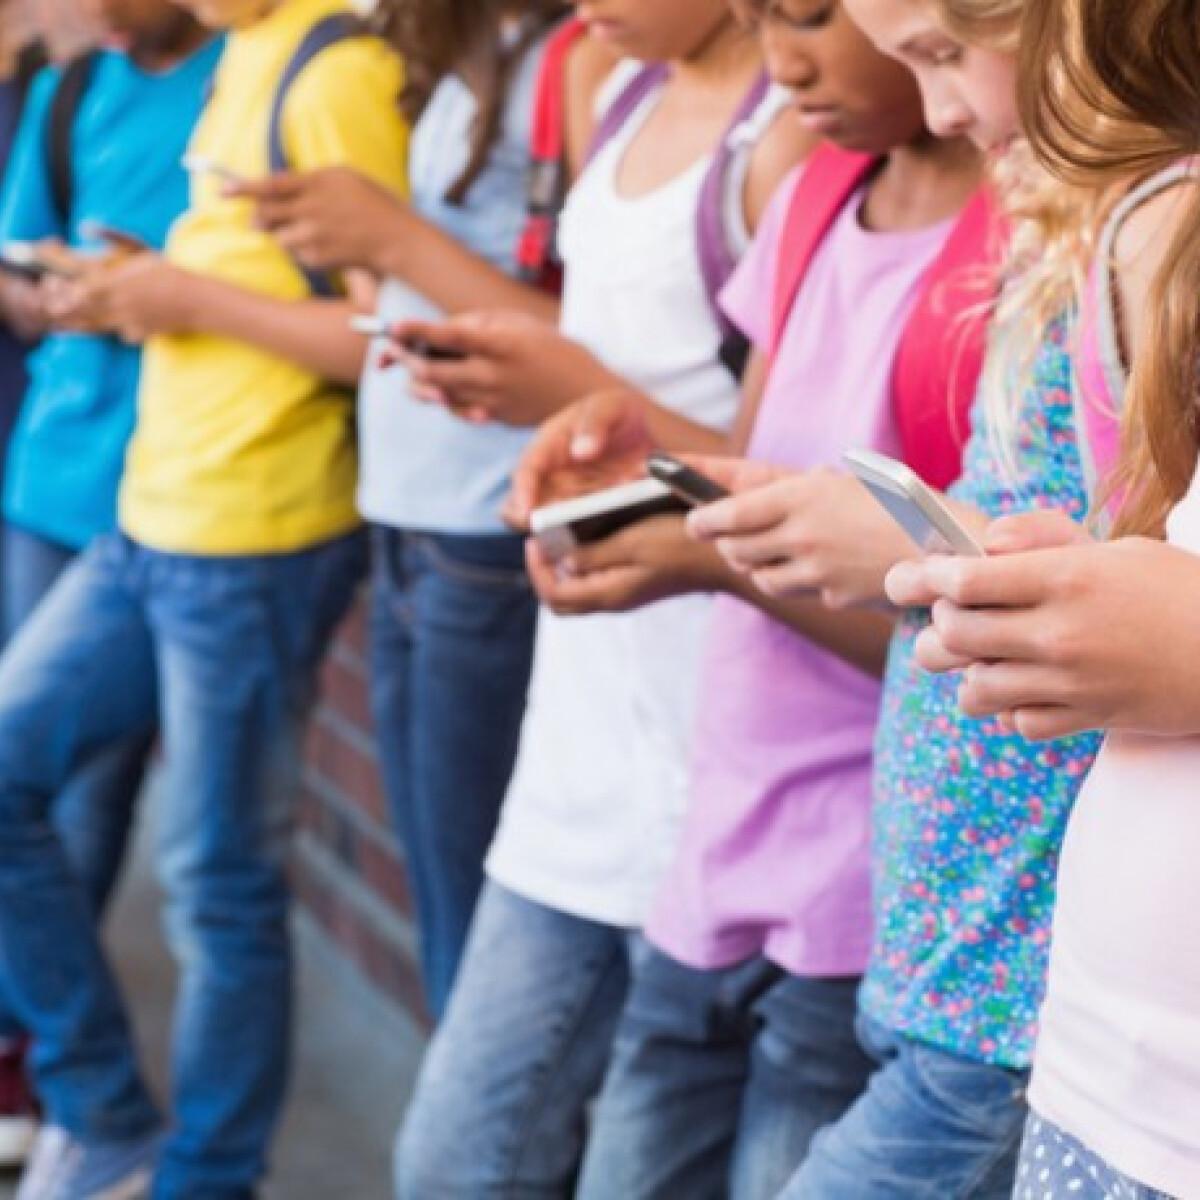 Szarva nőhet a sok mobilozástól a fiataloknak - lehet, hogy a te gyereked is érintett